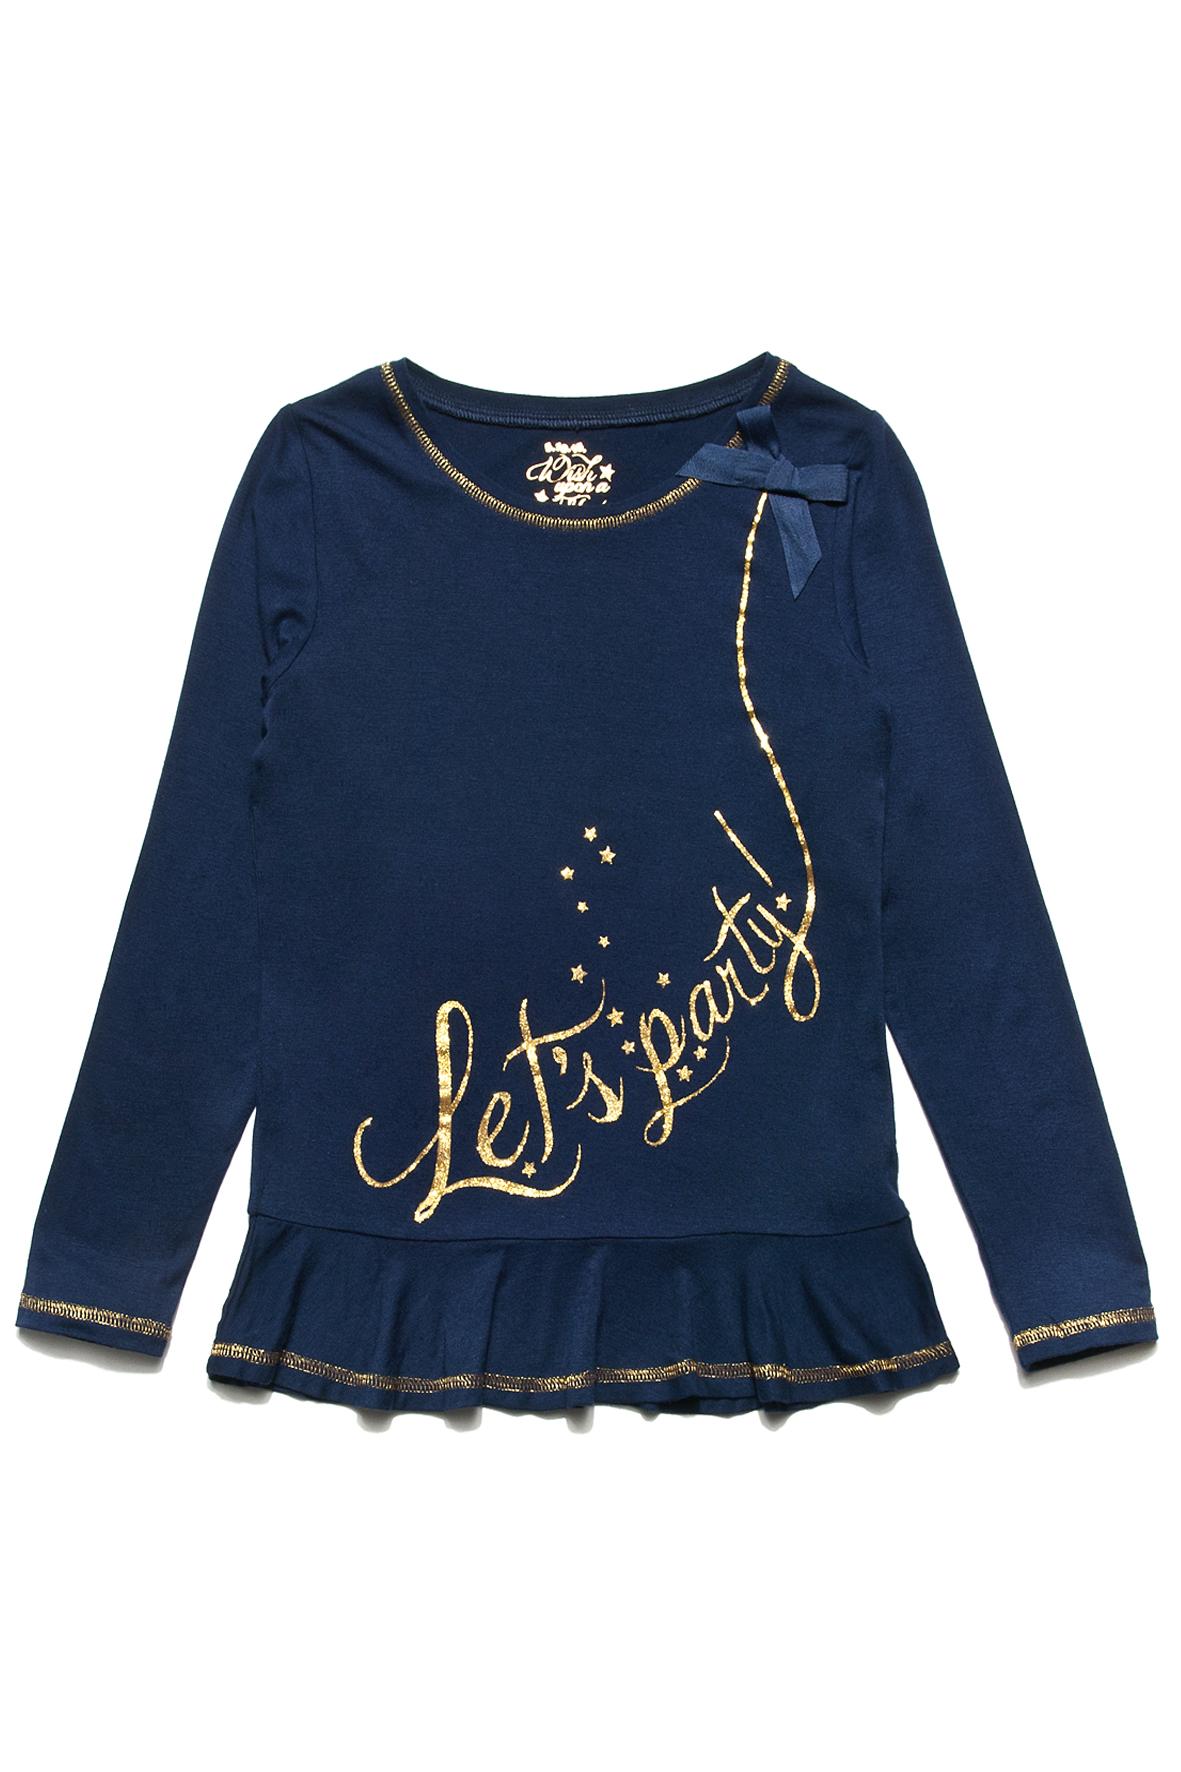 Bluzka dziewczęca - nowa cena 19,99 (źródło: 51015kids.eu)